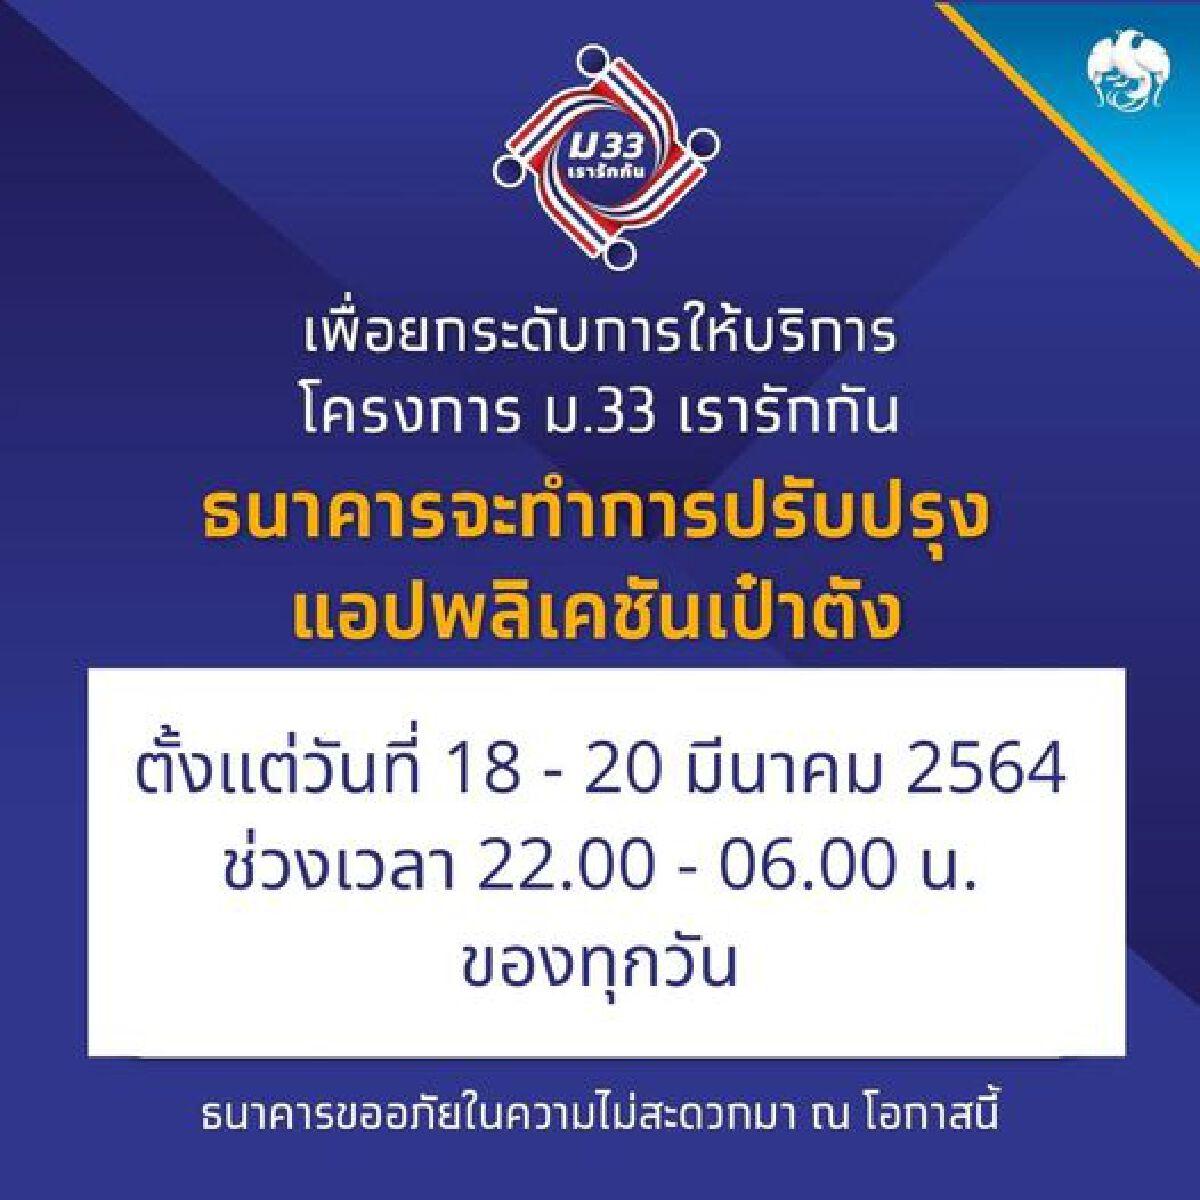 """""""กรุงไทย"""" แจ้งปิดปรับปรุงแอปฯ """"เป๋าตัง"""" 18-20 มี.ค. ตั้งแต่ 4 ทุ่มถึง 6 โมงเช้า"""